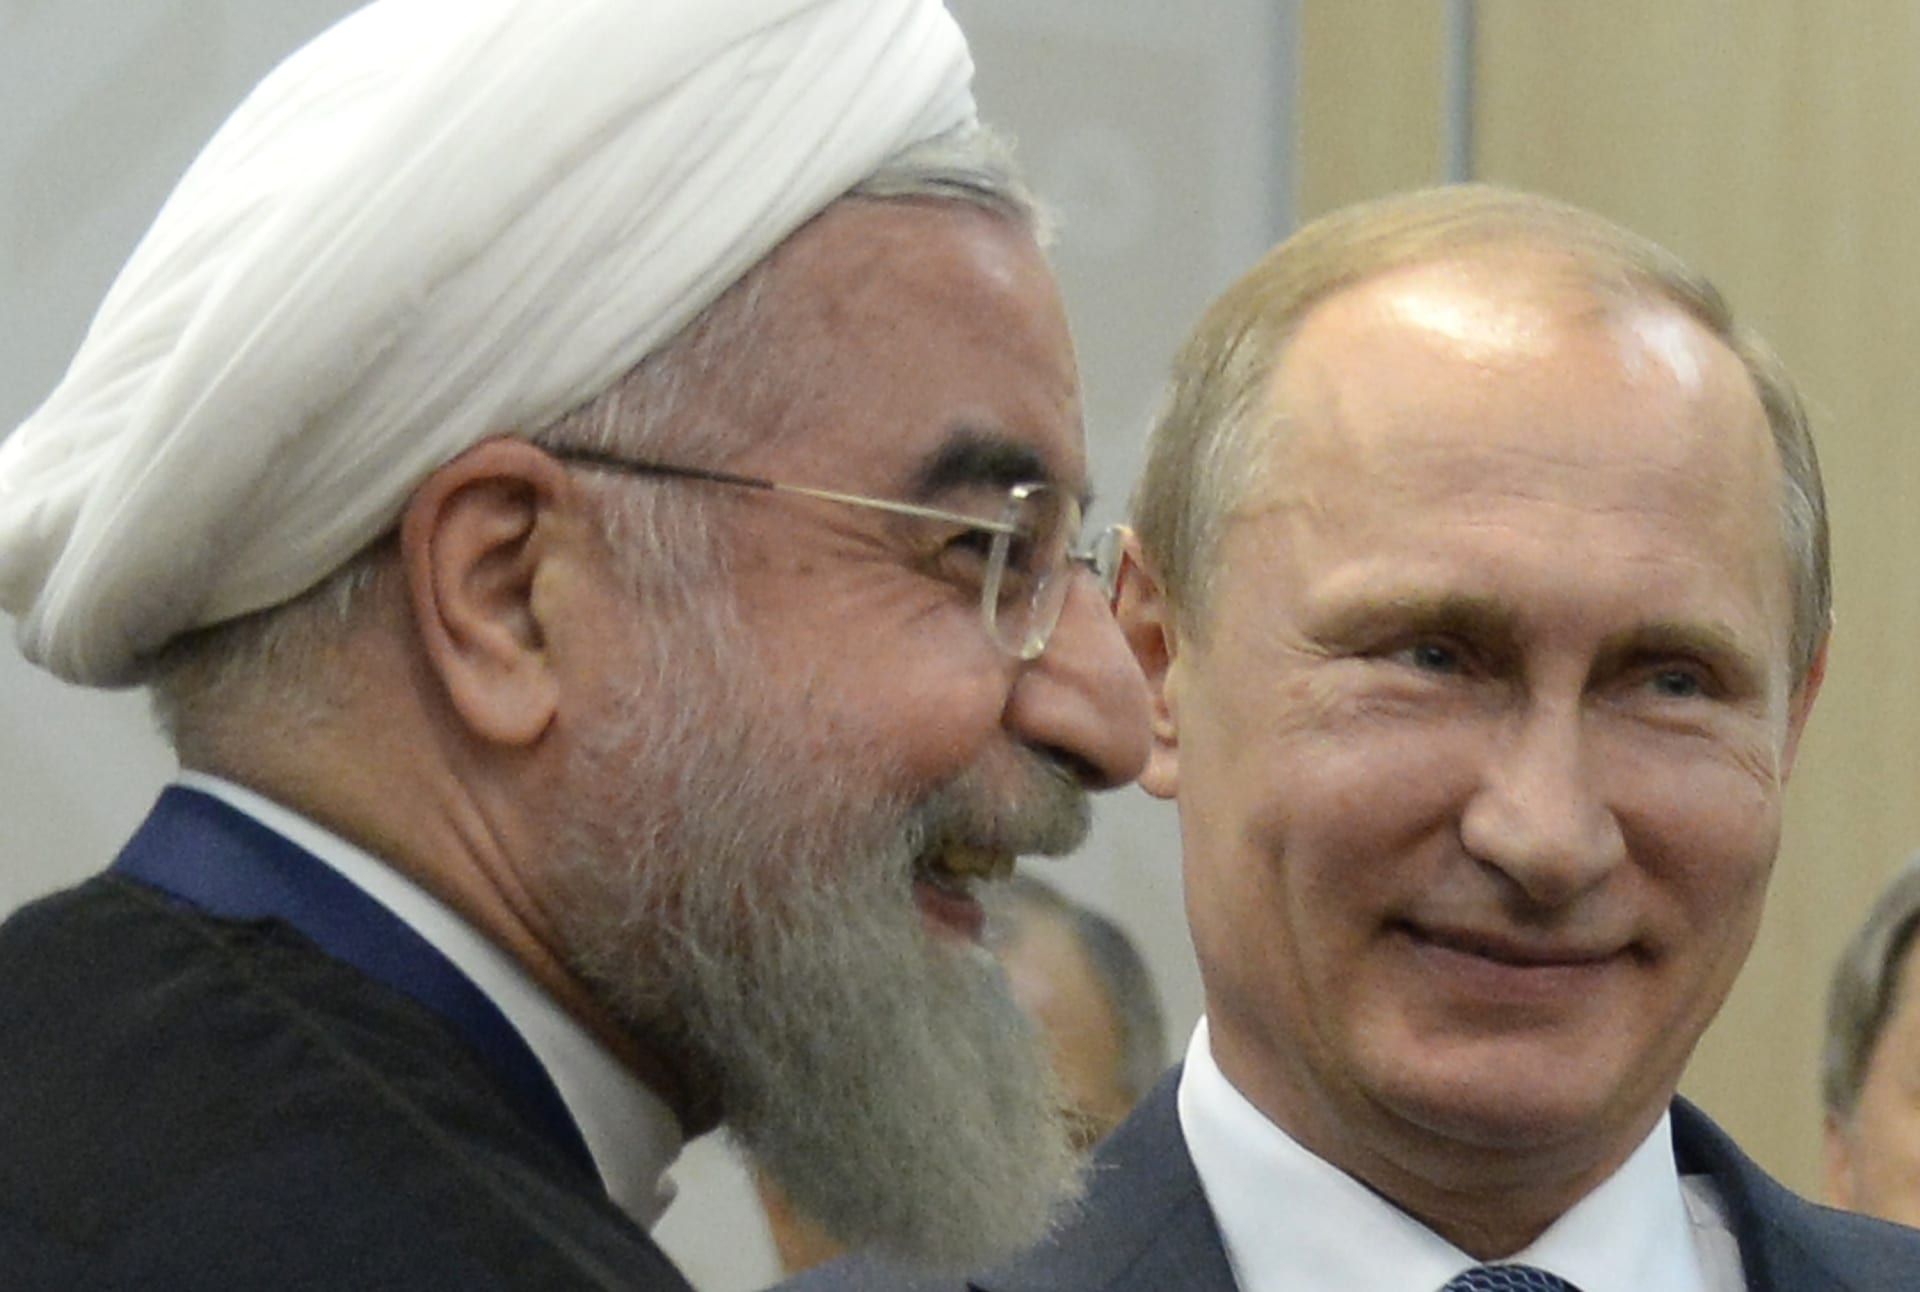 """موسكو تعتبر طهران """"الشريك المقرّب والموثوق"""" بالمنطقة.. هل تخطت العلاقة رغبة الأخيرة بسلاح الأولى؟"""